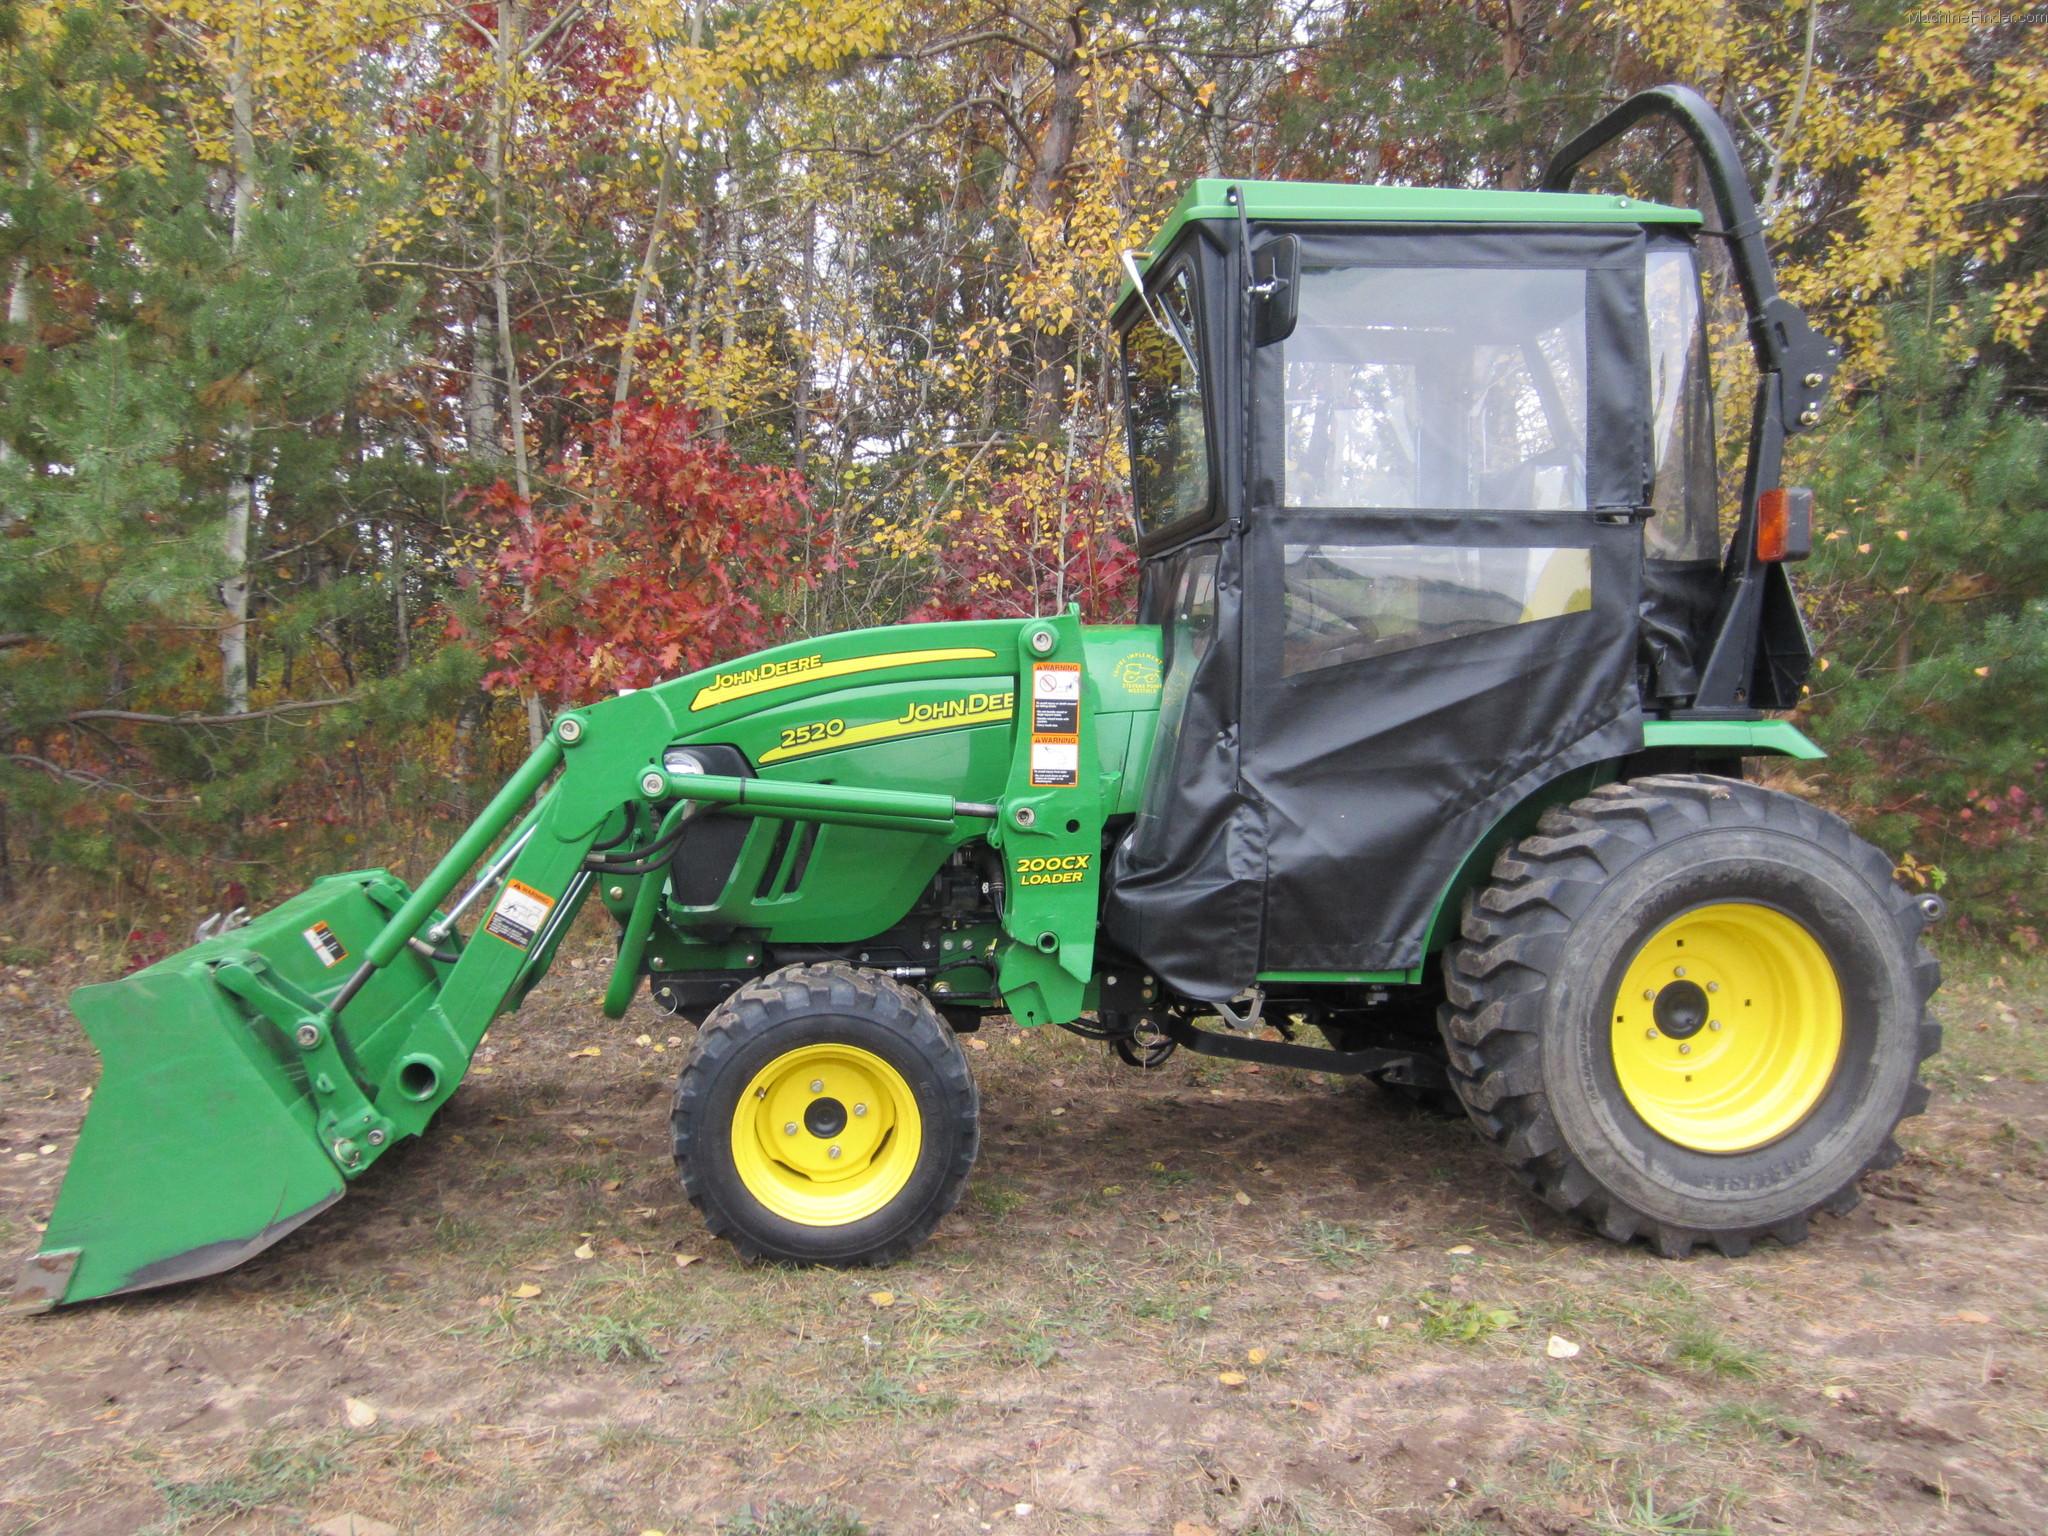 2010 John Deere 2520 Tractors - Compact (1-40hp.) - John Deere ...